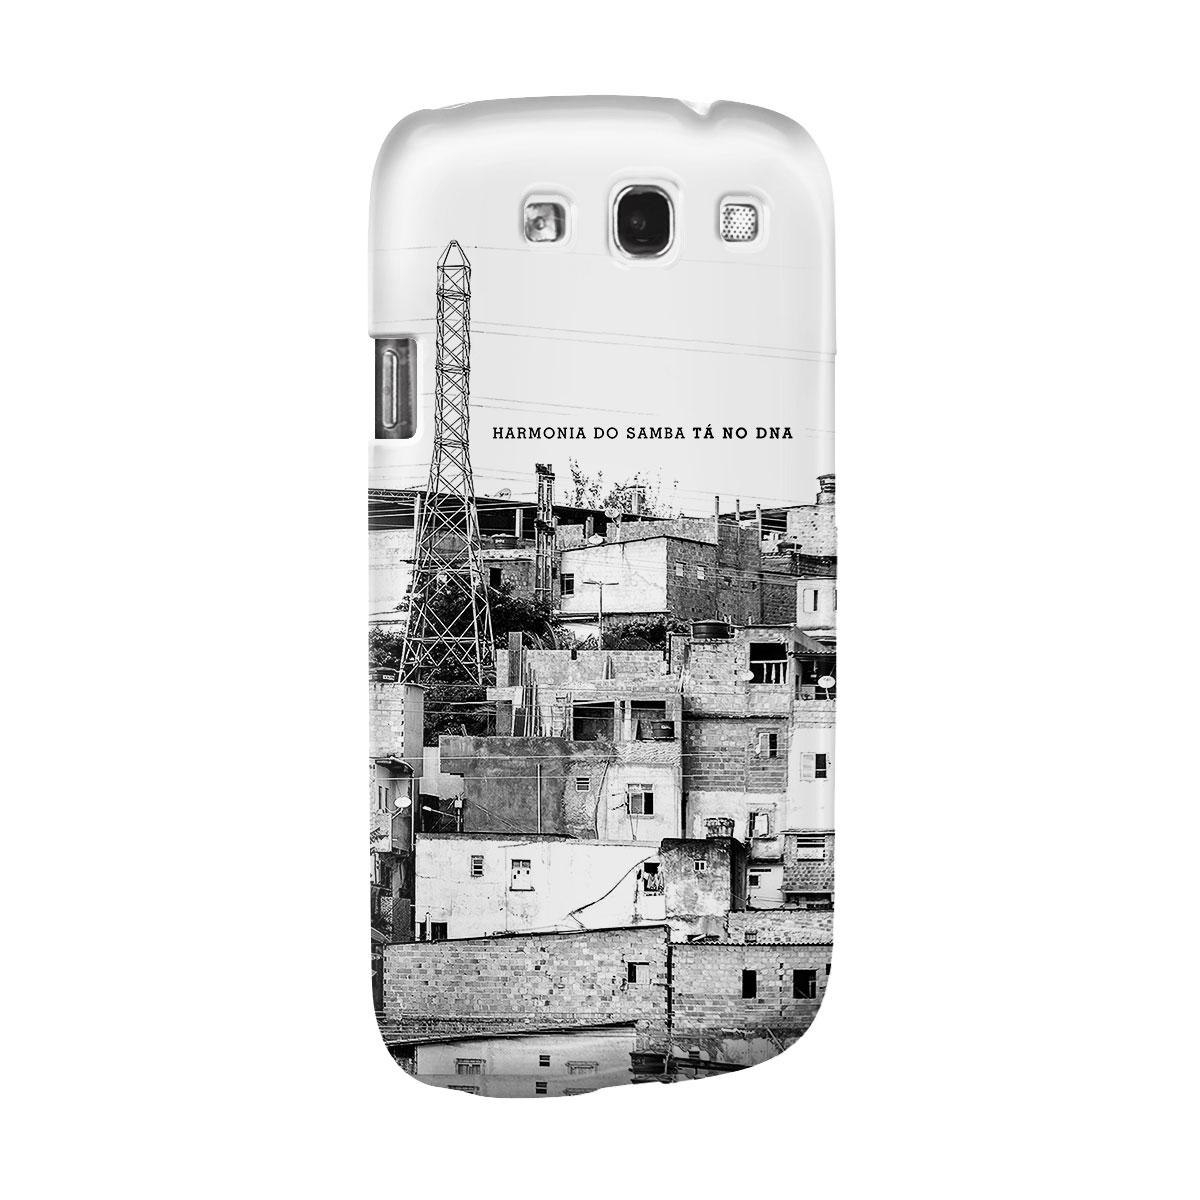 Capa para Samsung Galaxy S3 Harmonia do Samba Tá no DNA